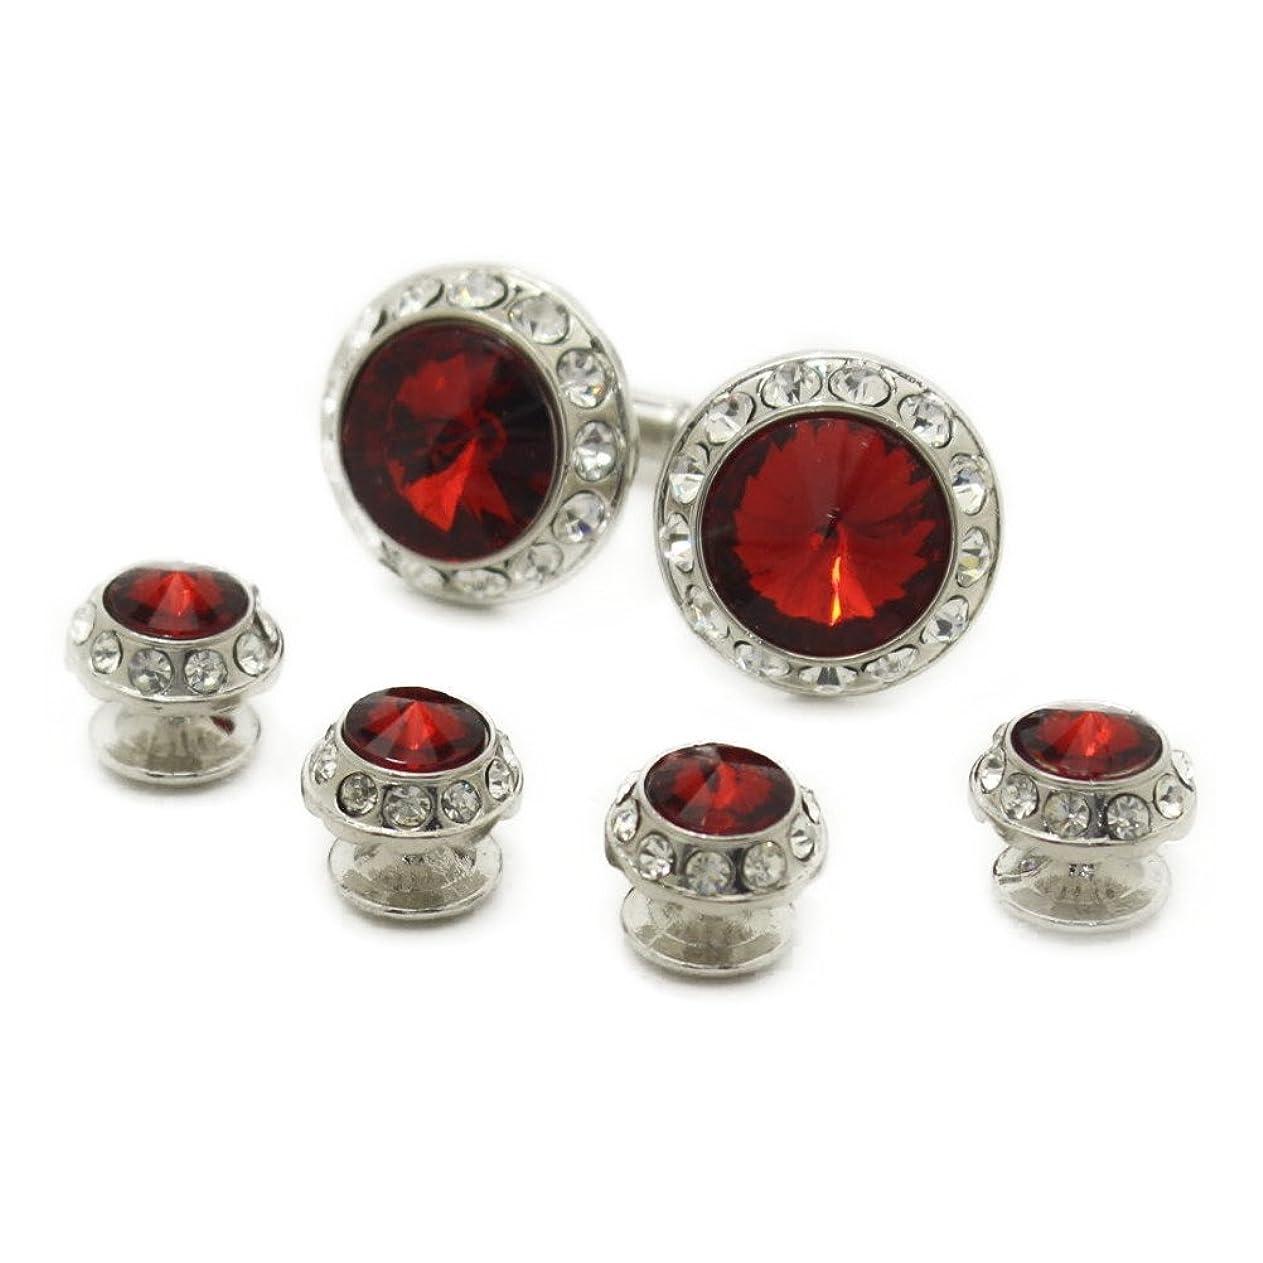 エゴイズムテレマコスジャニススタッドボタン 赤レッドストーン 4個+カフスボタンのセット